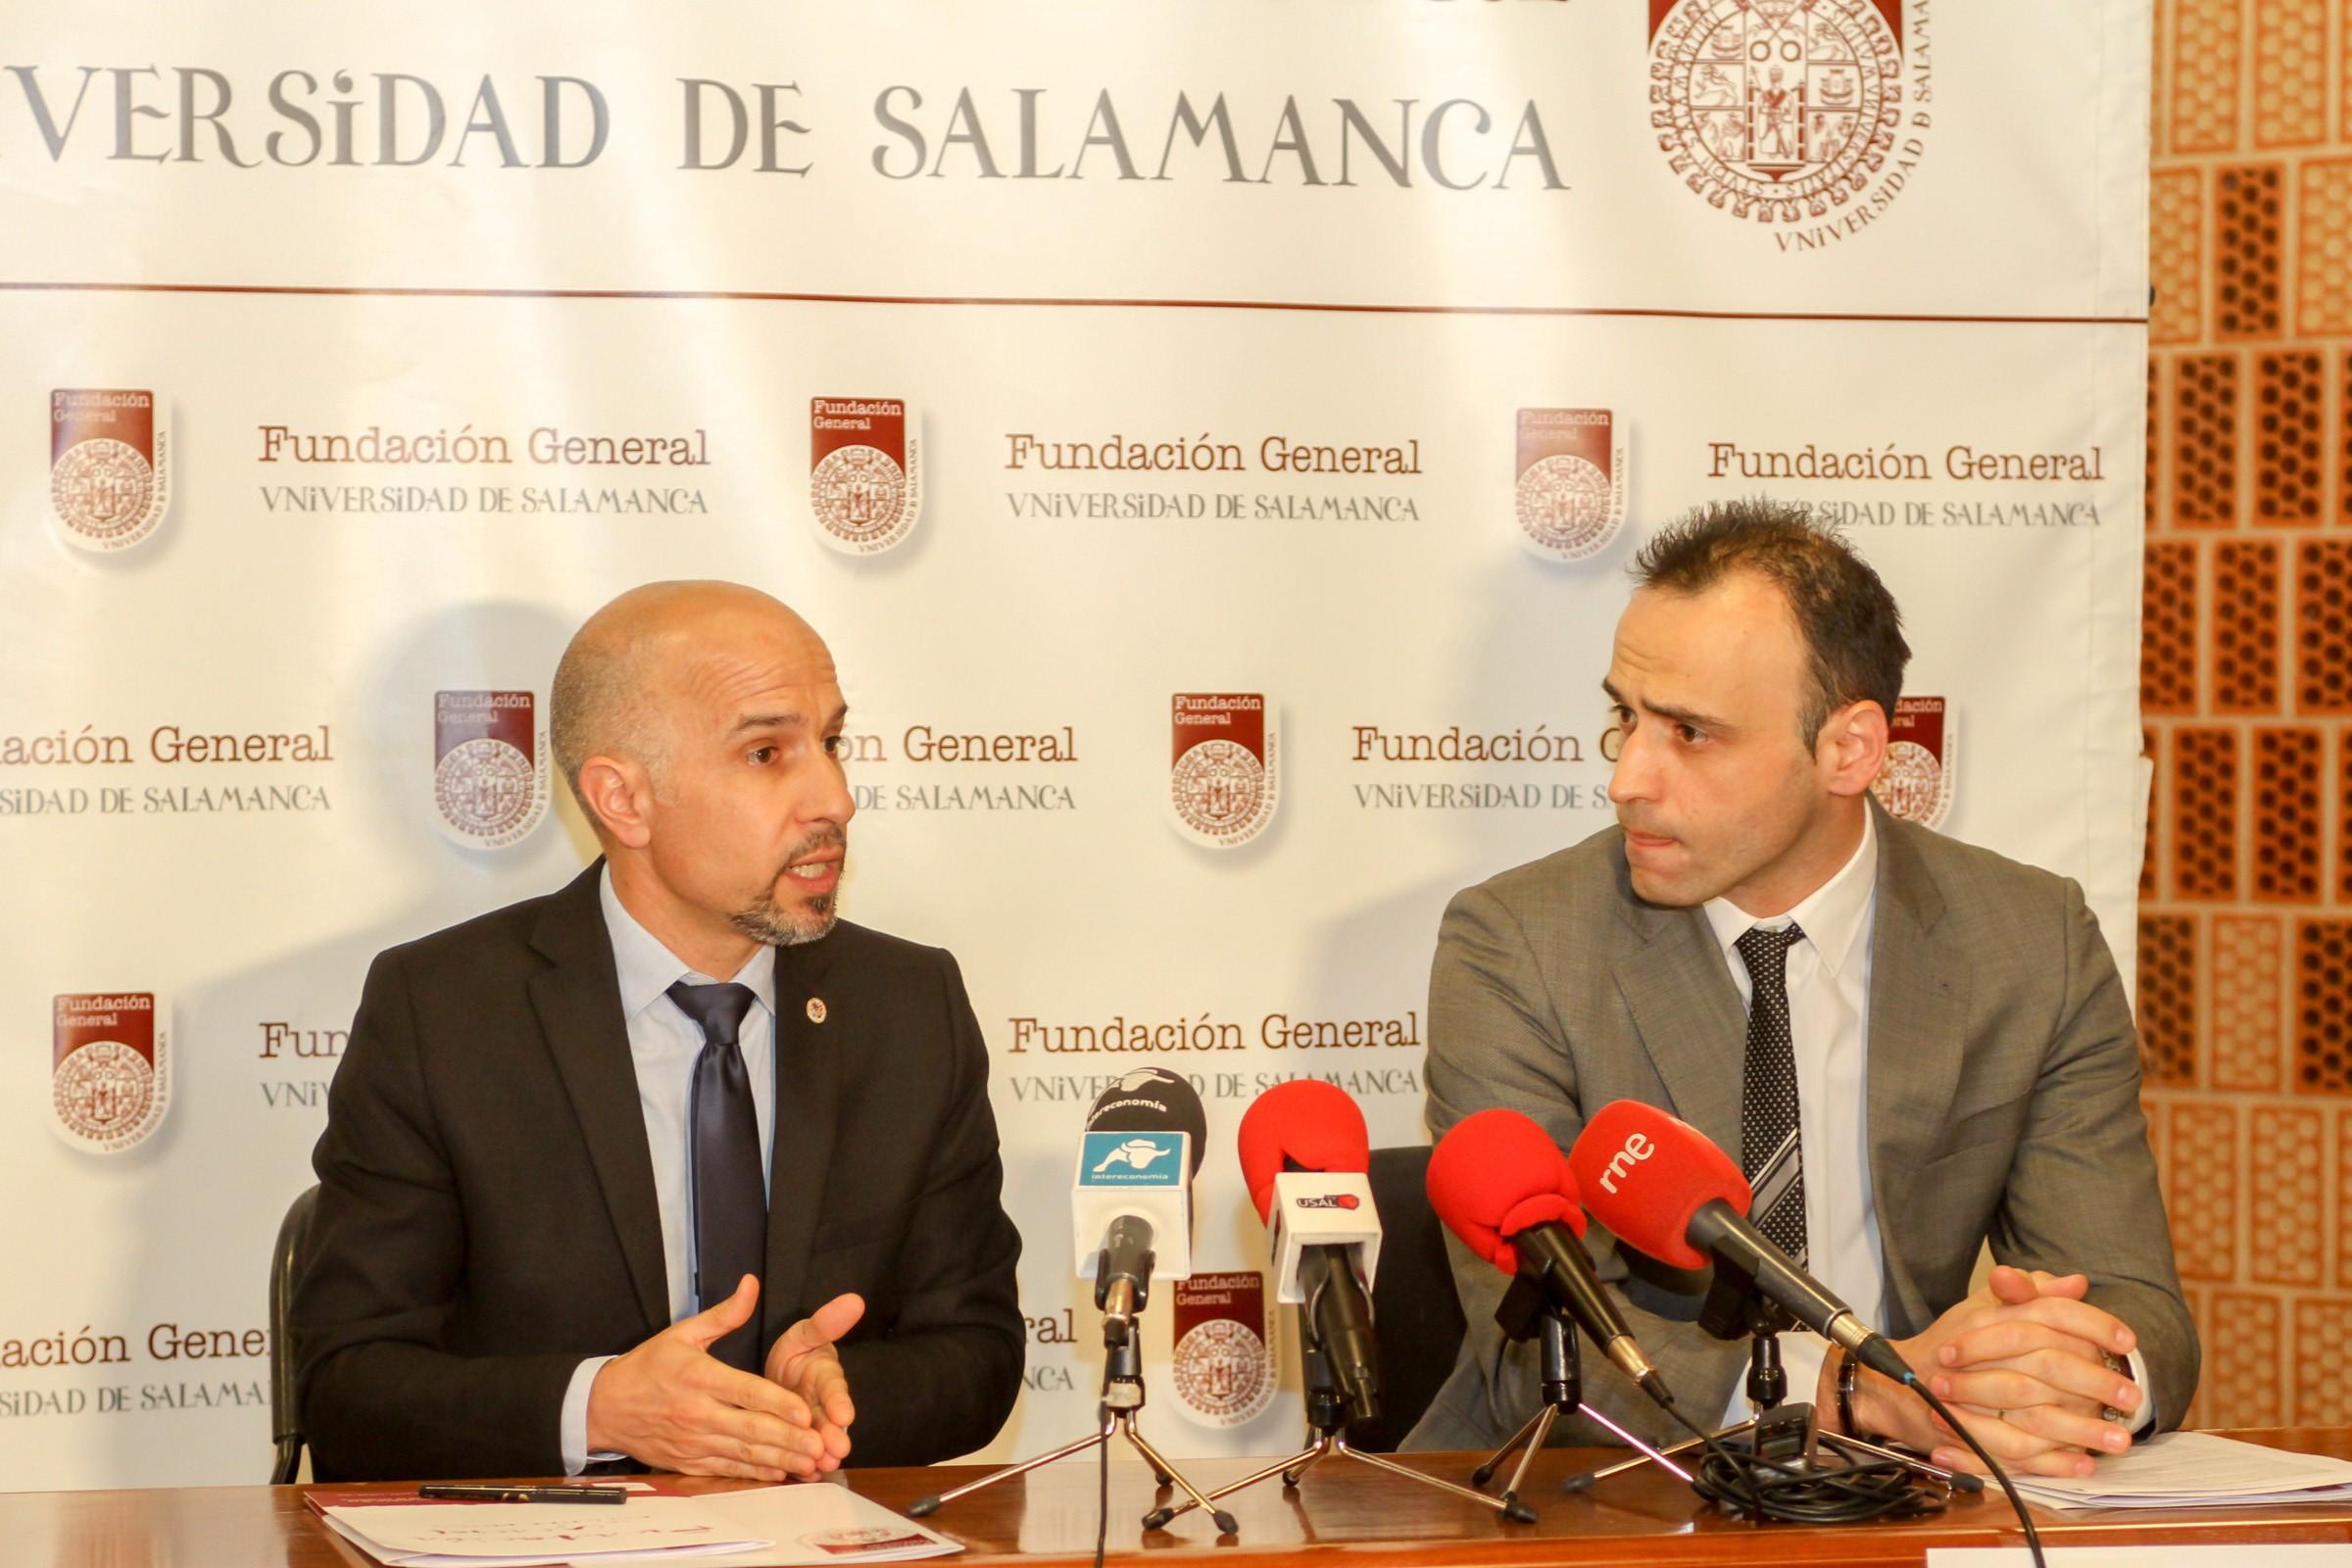 La Universidad de Salamanca y el Colegio de Periodistas de Castilla y León organizan un curso sobre periodismo de datos